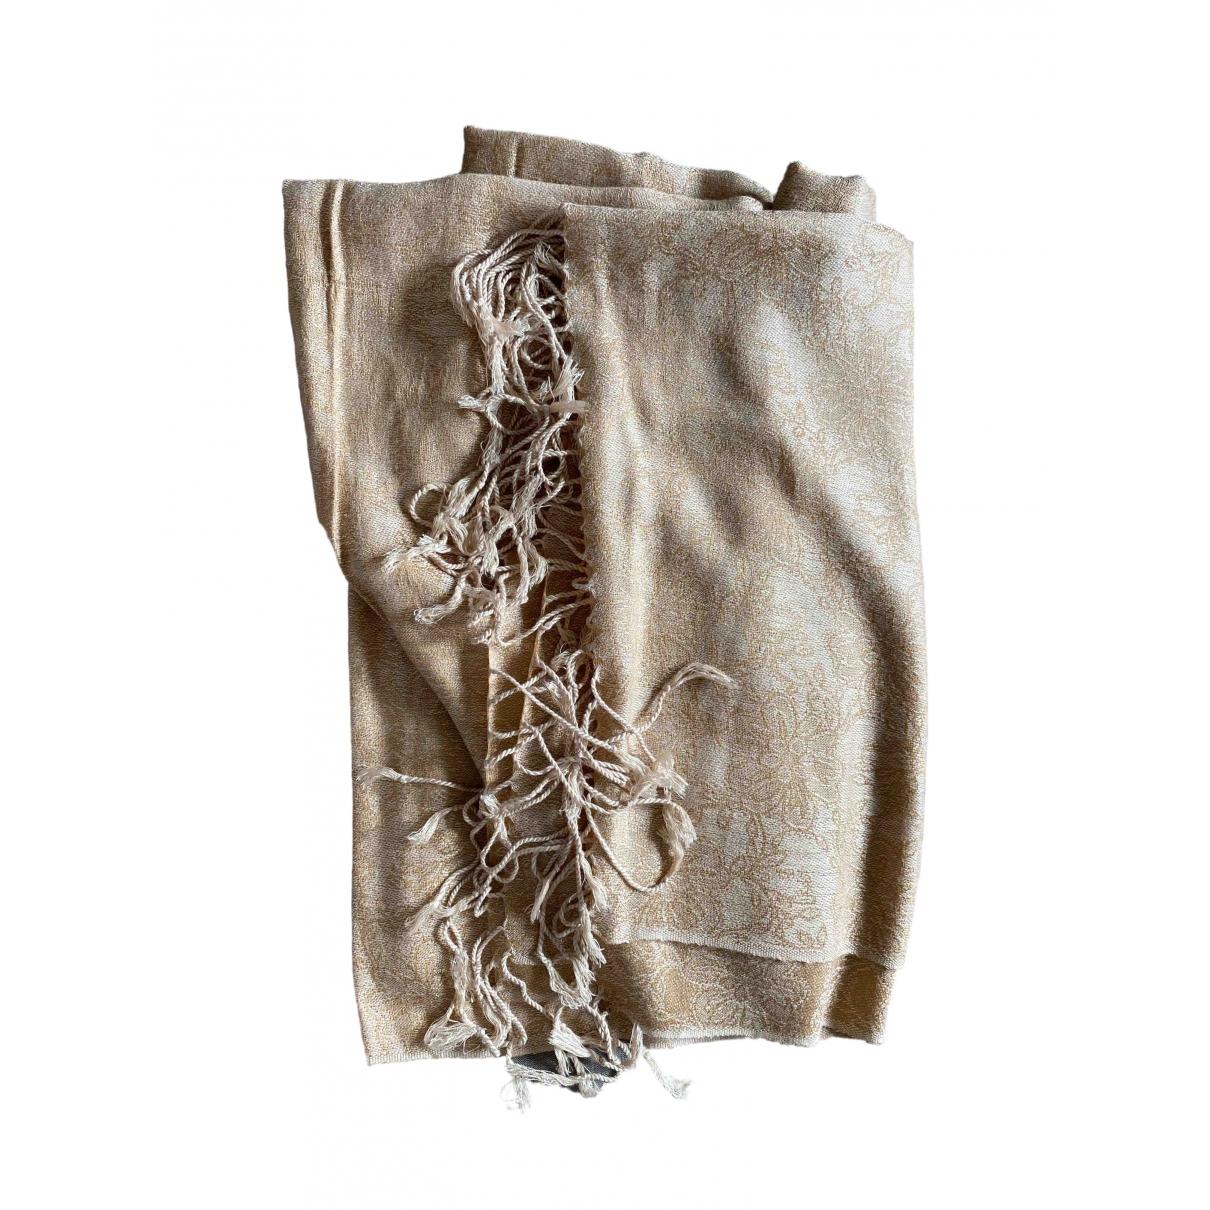 D&g - Foulard   pour femme en cachemire - beige